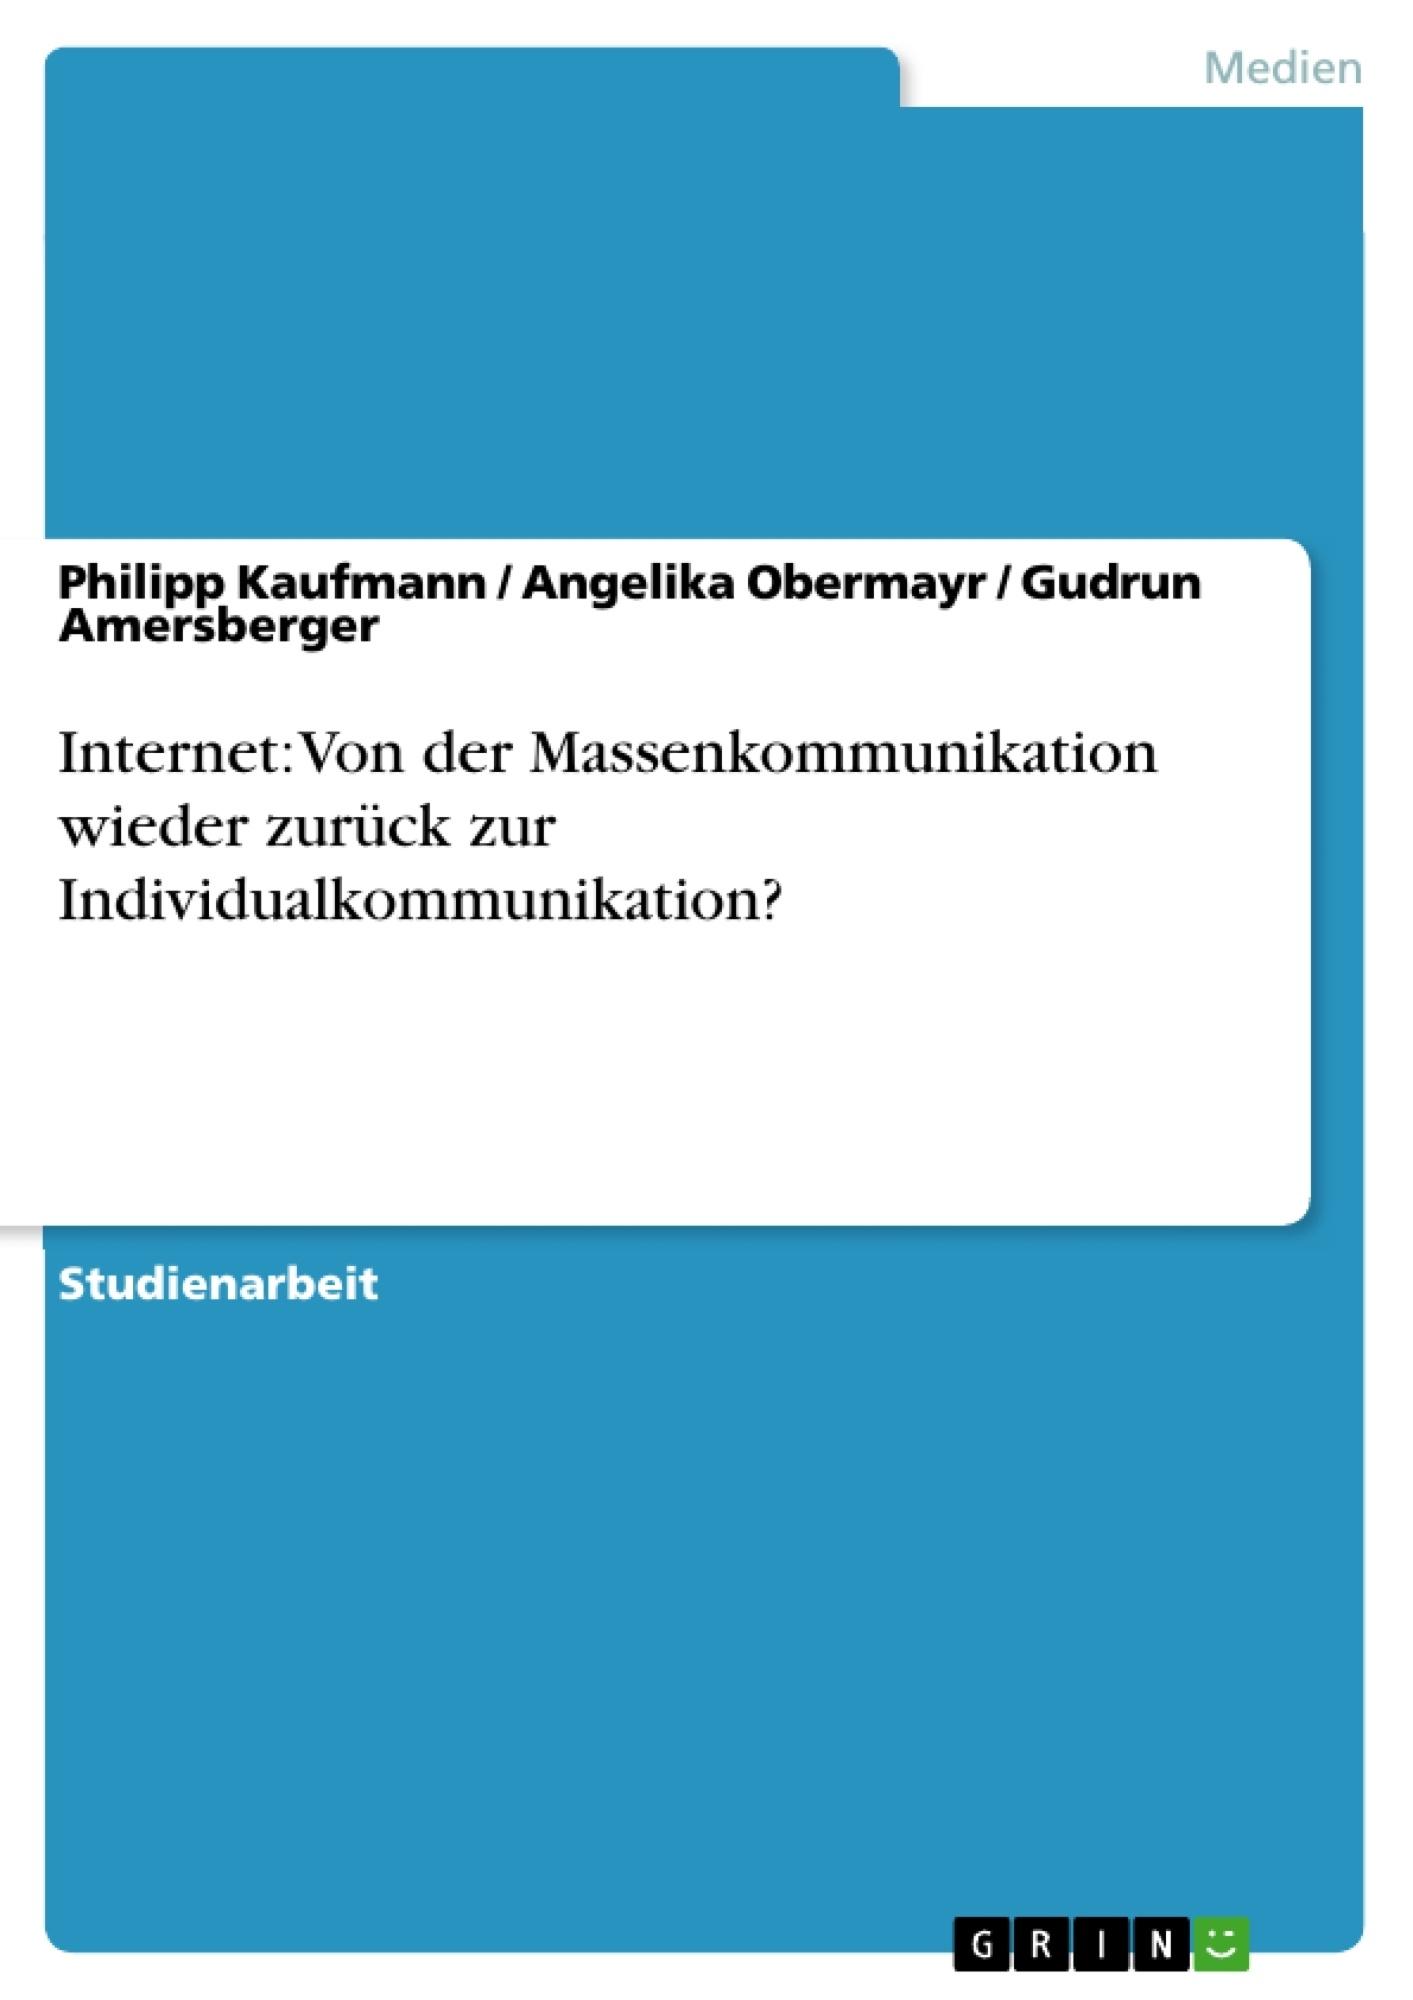 Titel: Internet: Von der Massenkommunikation wieder zurück zur Individualkommunikation?